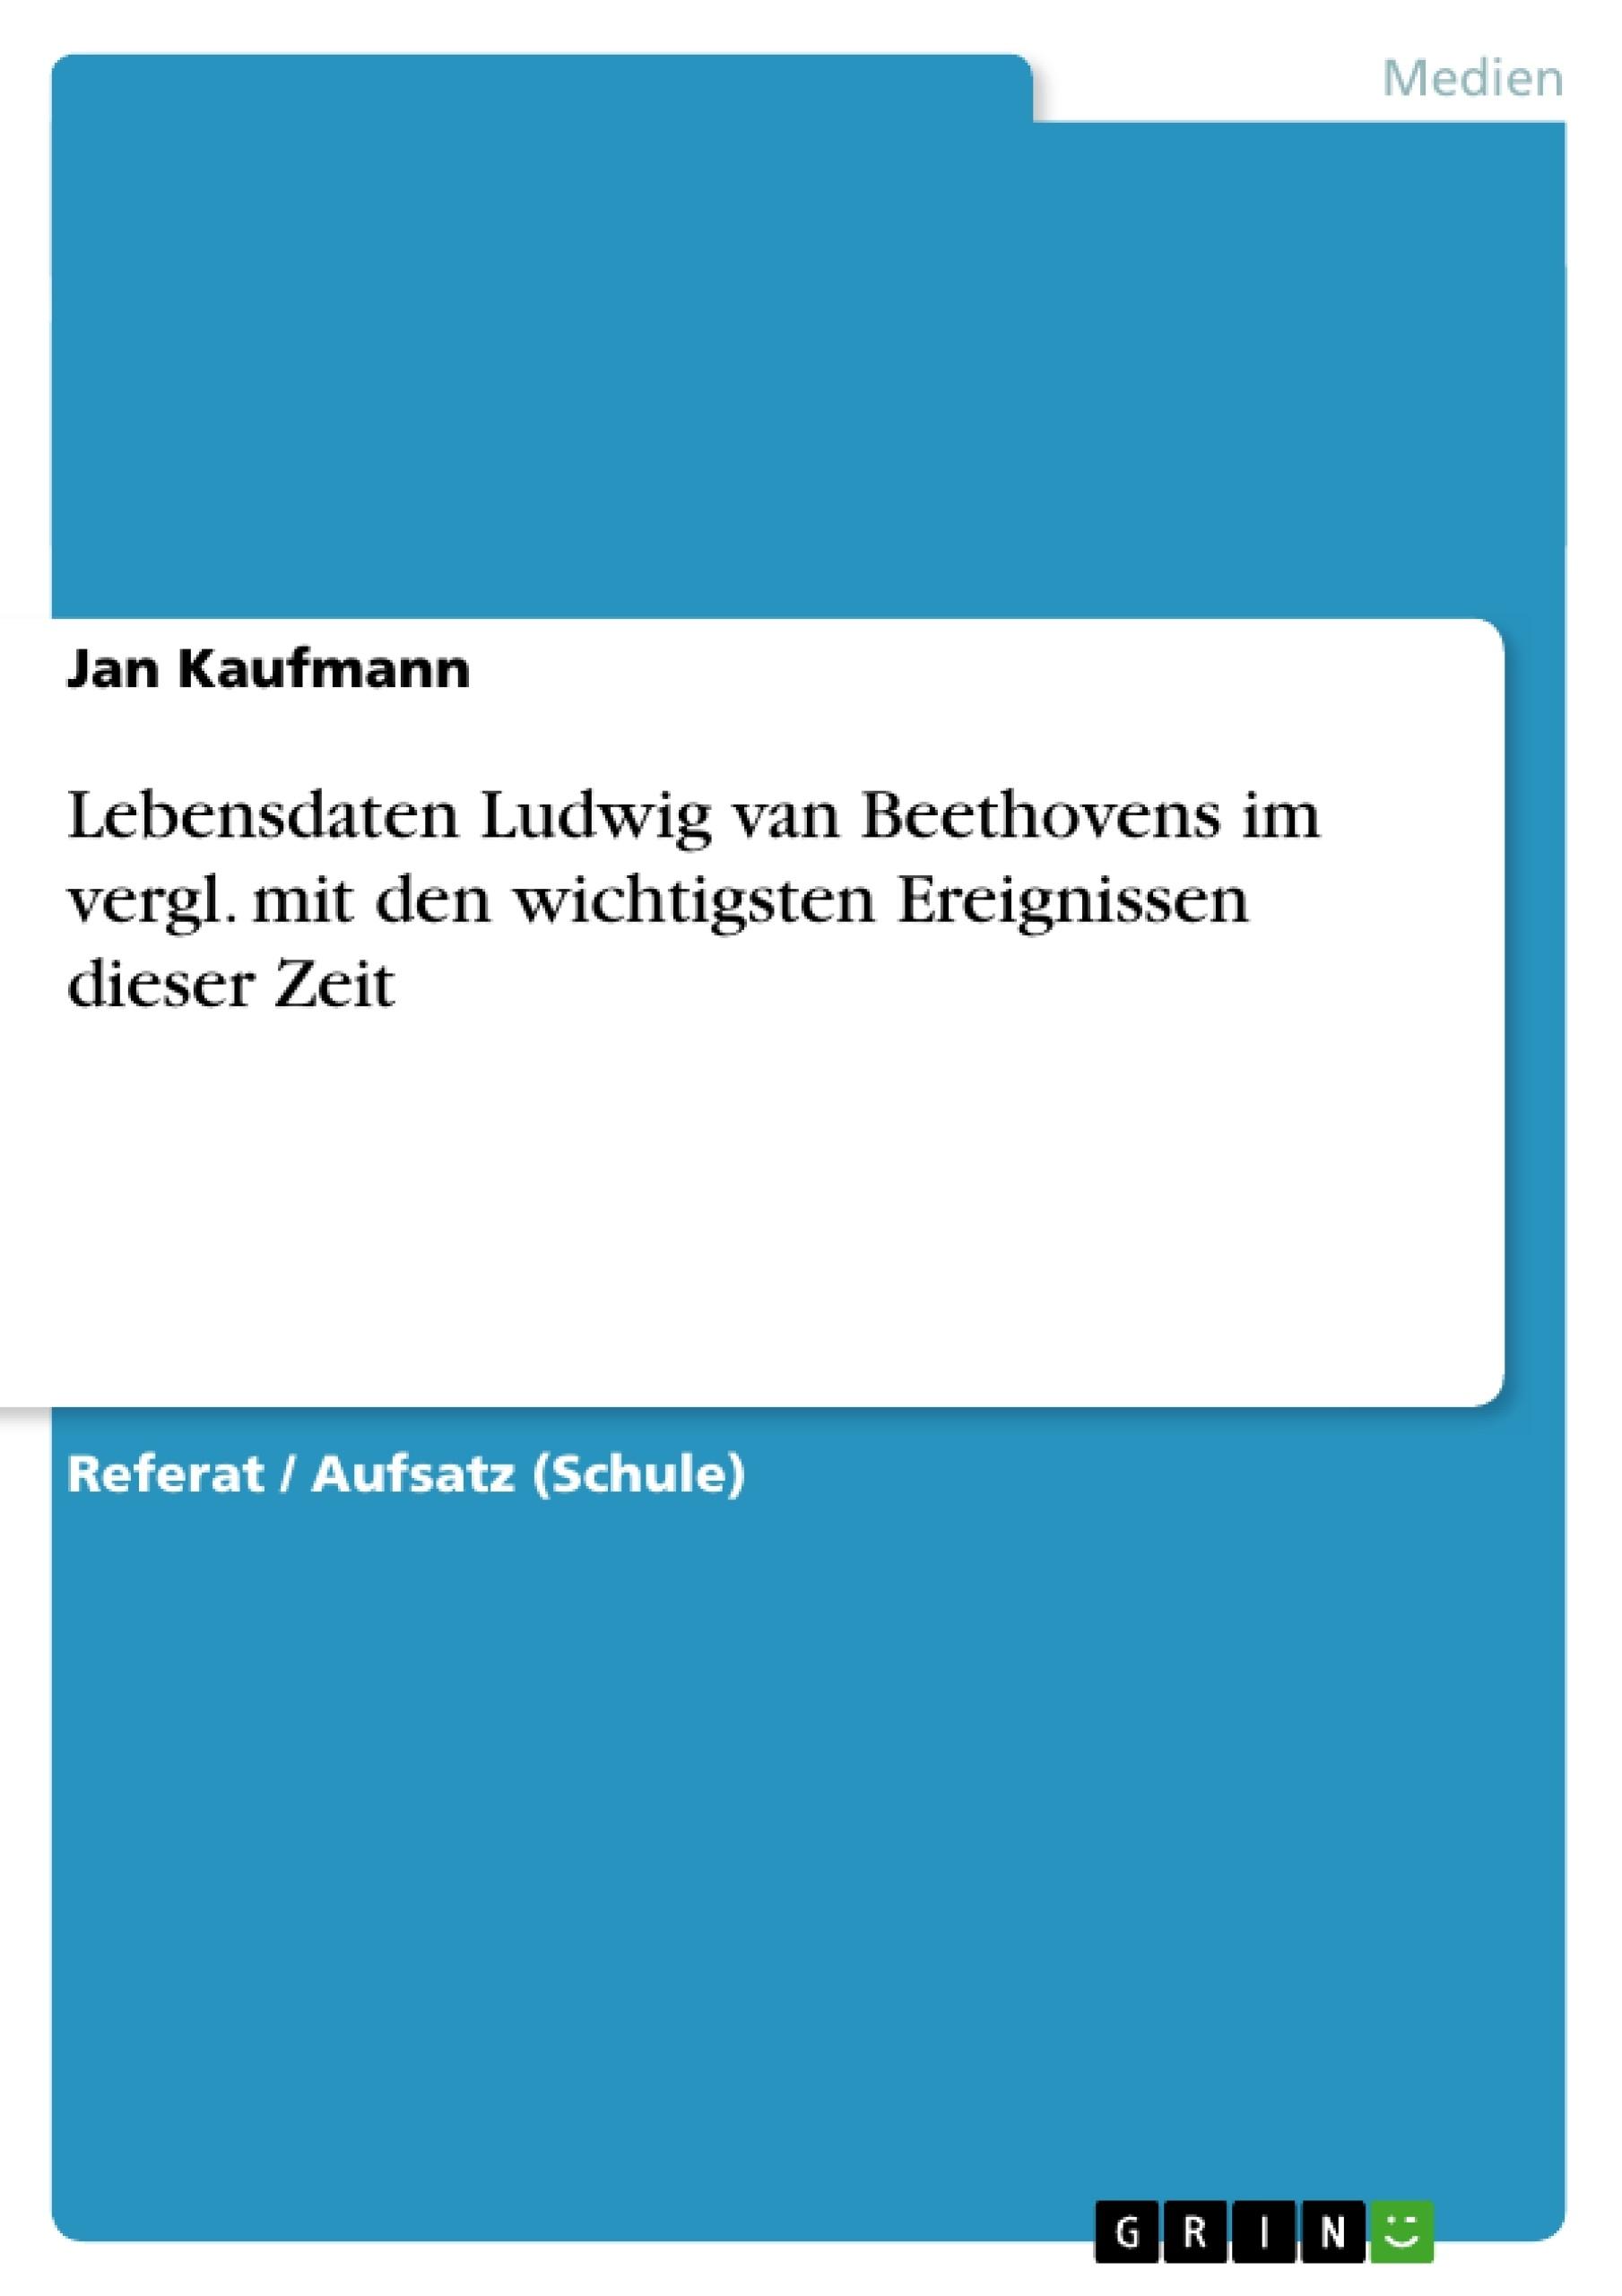 Titel: Lebensdaten Ludwig van Beethovens im vergl. mit den wichtigsten Ereignissen dieser Zeit